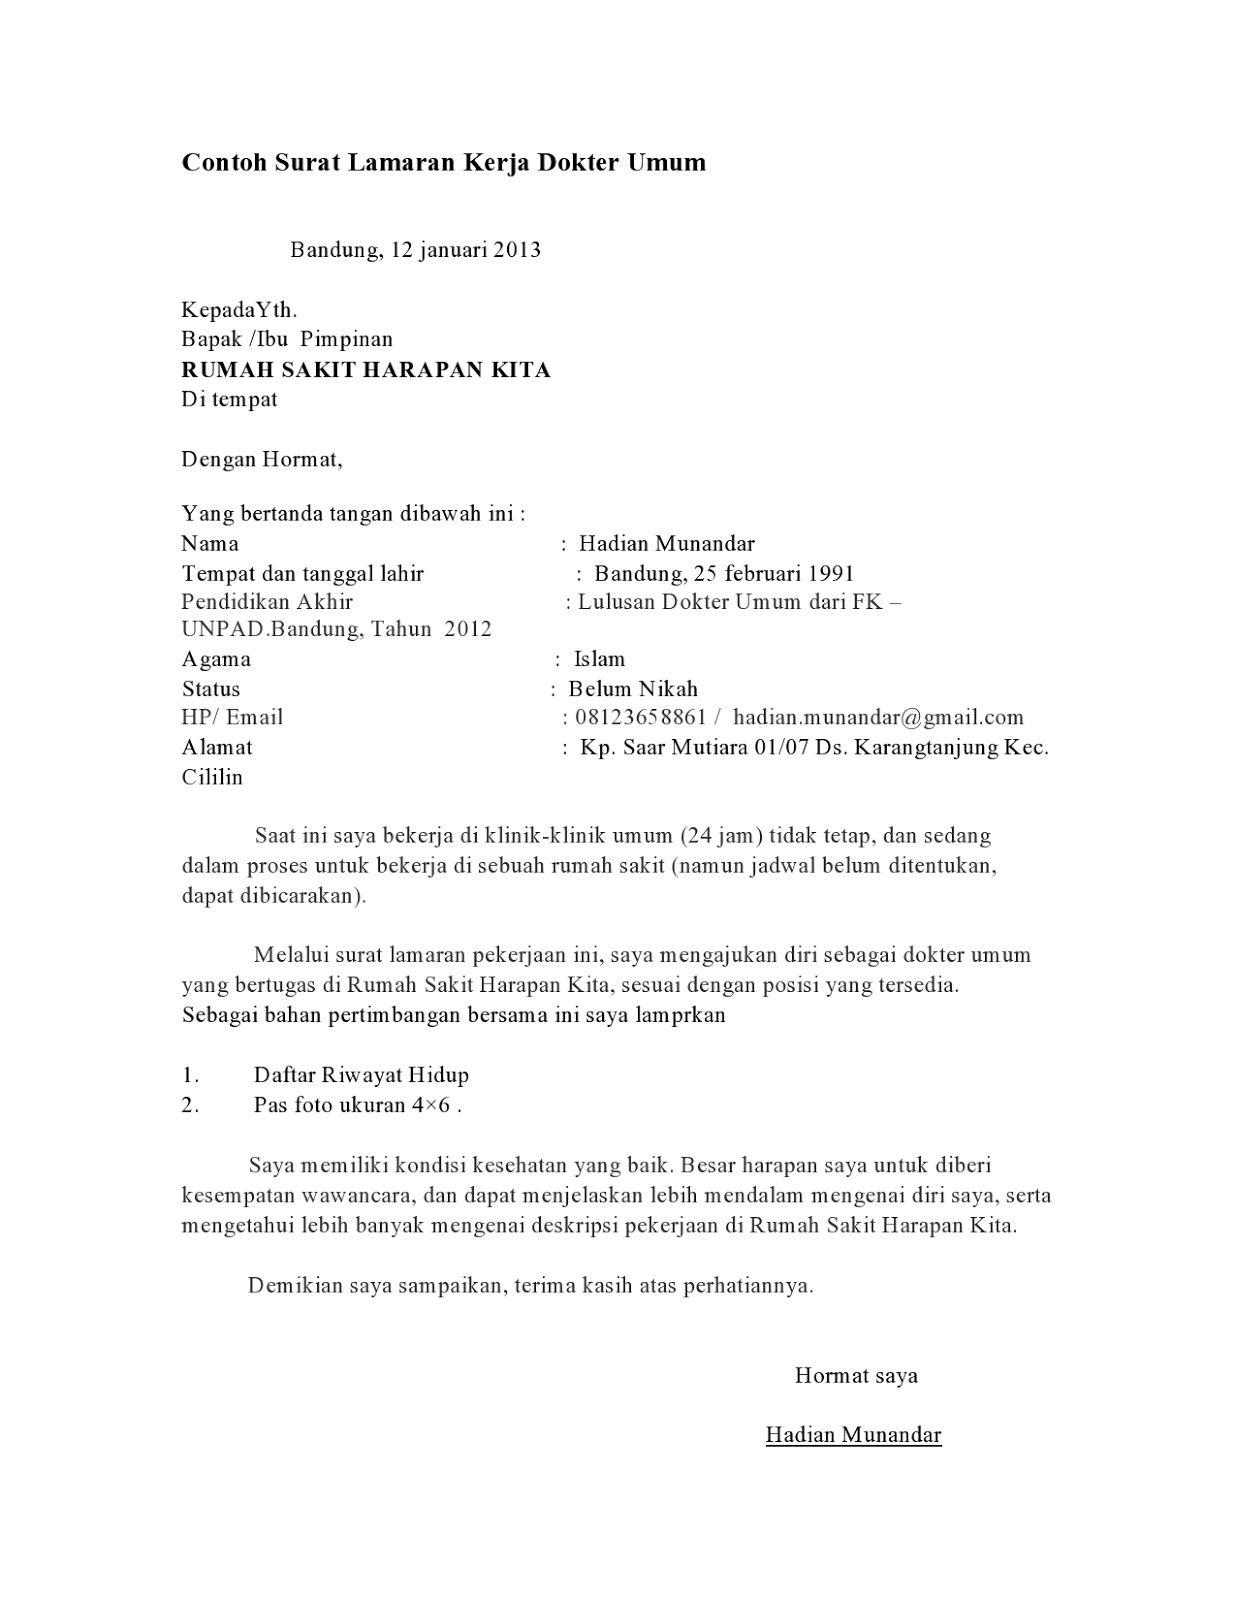 contoh surat lamaran kerja dokter contoh lamaran kerja